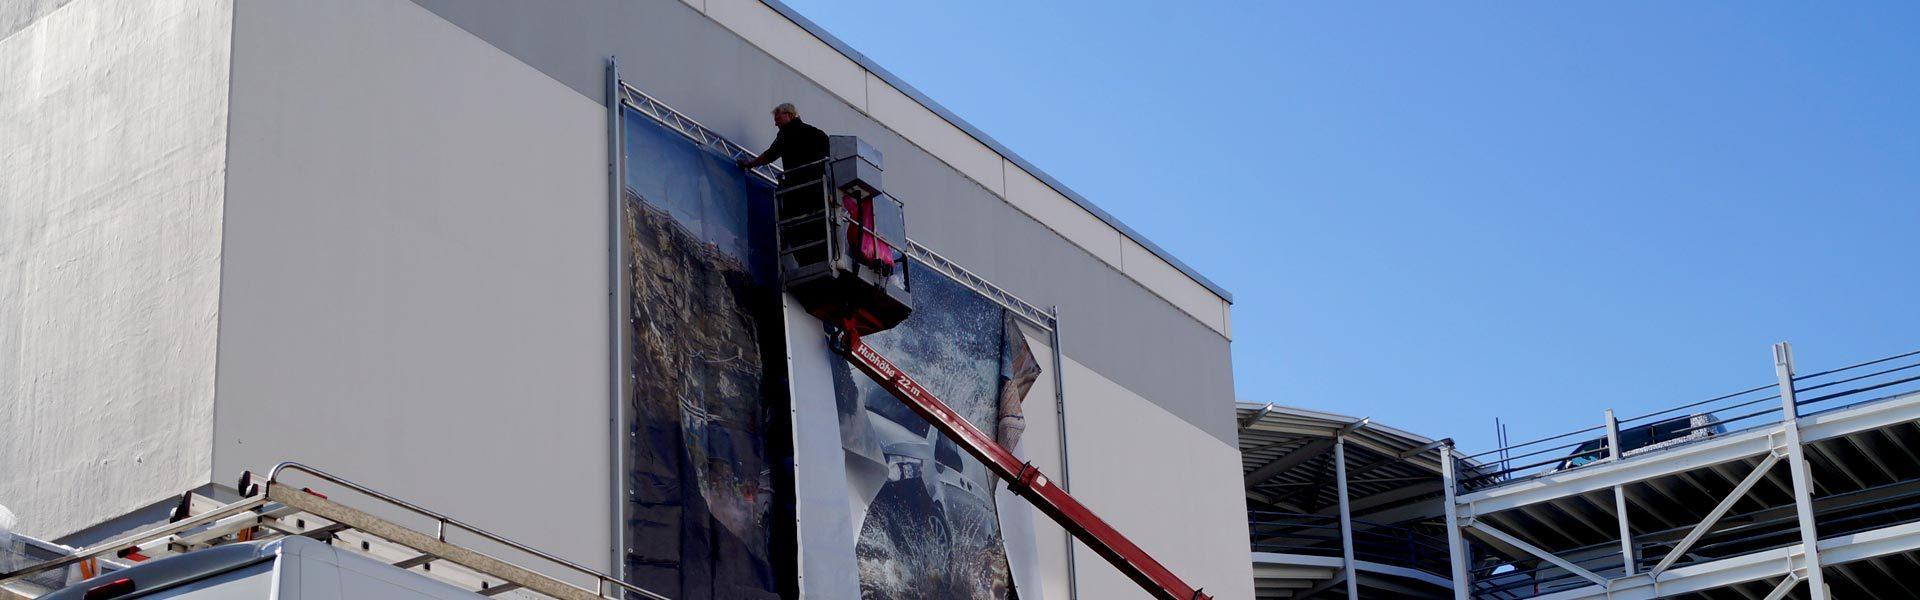 Montage von Werbeanlagen aller Art: Fassadenwerbung, Bannersysteme, Lichtwerbung, Werbetürme und und Pylone